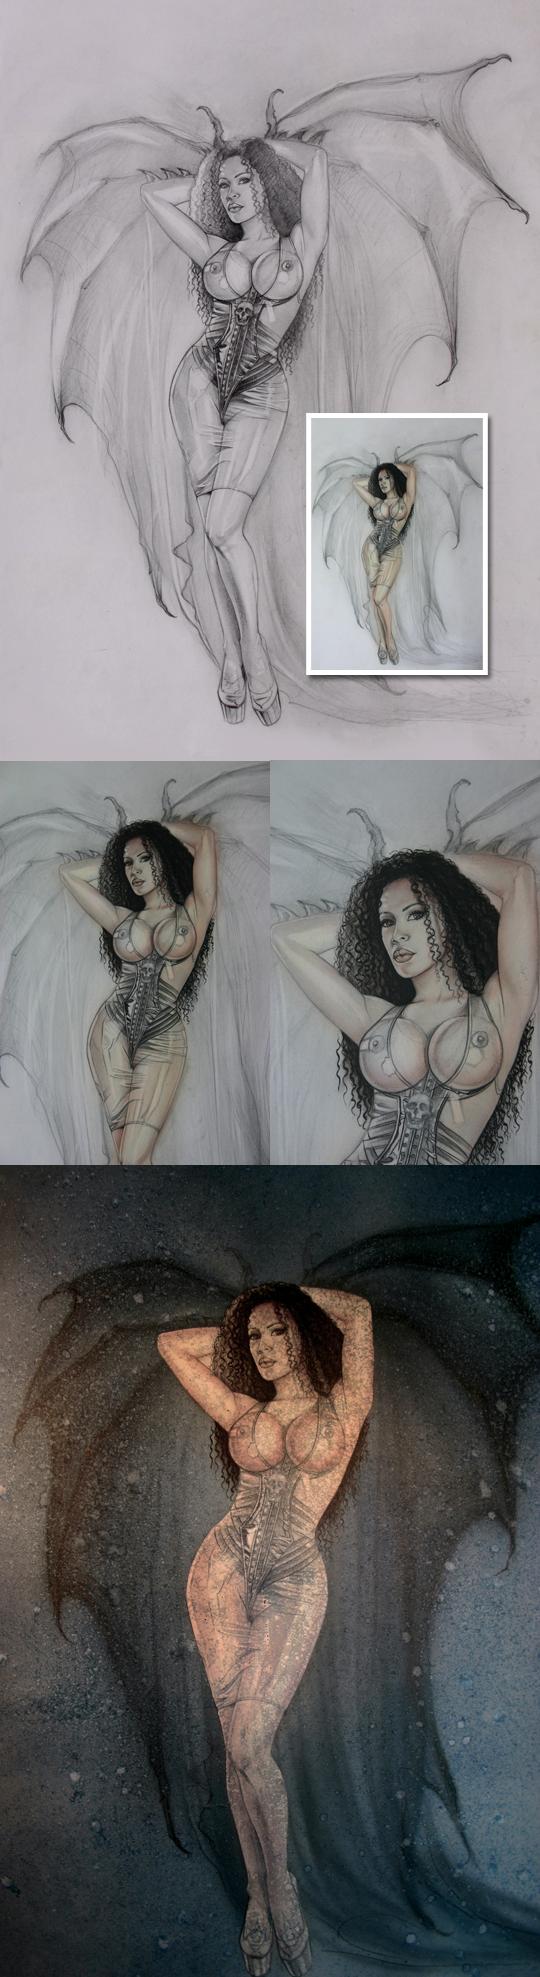 Ilustracion y diseo moda pin up fantasia Carlos Diez dibujante ilustrador disenador